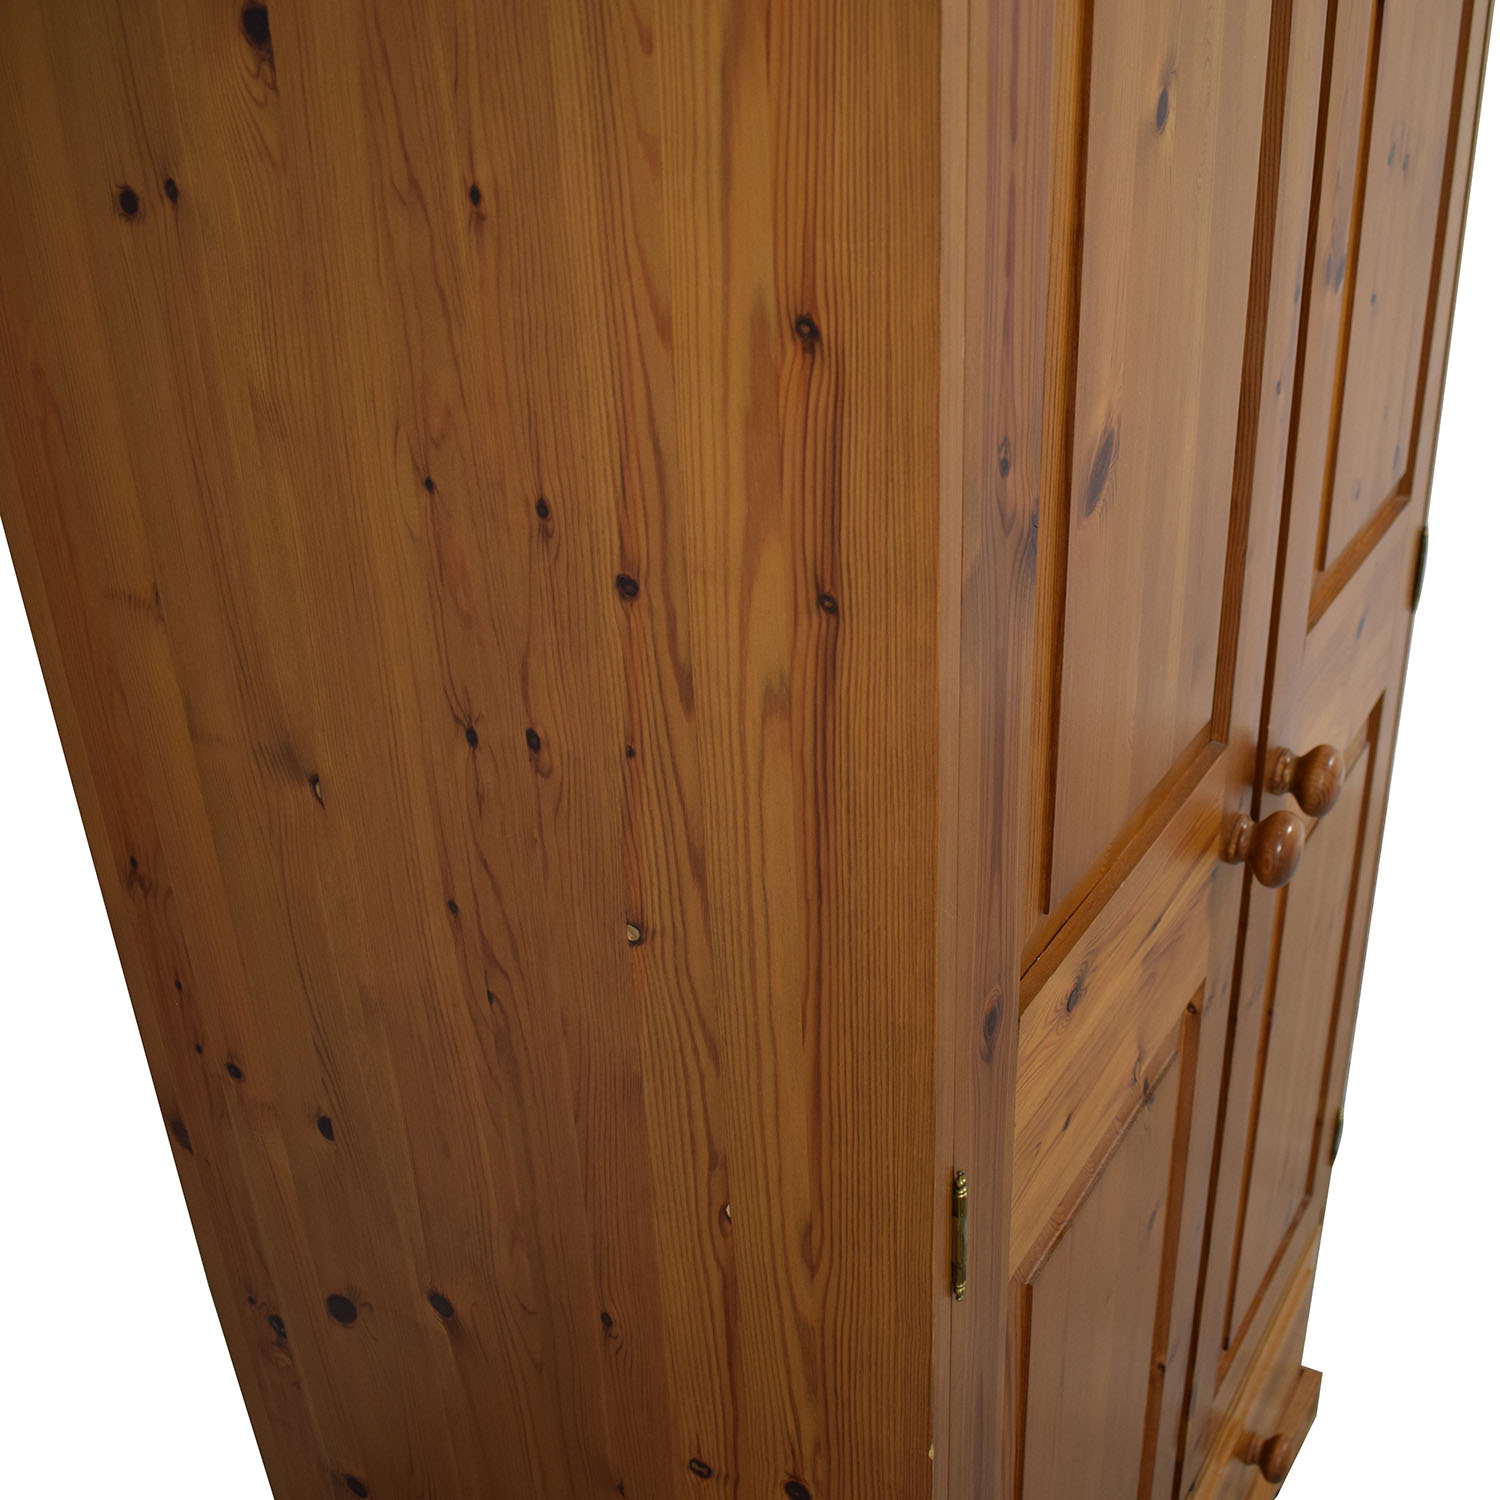 Pine Wood Single-Drawer Wardrobe / Wardrobes & Armoires